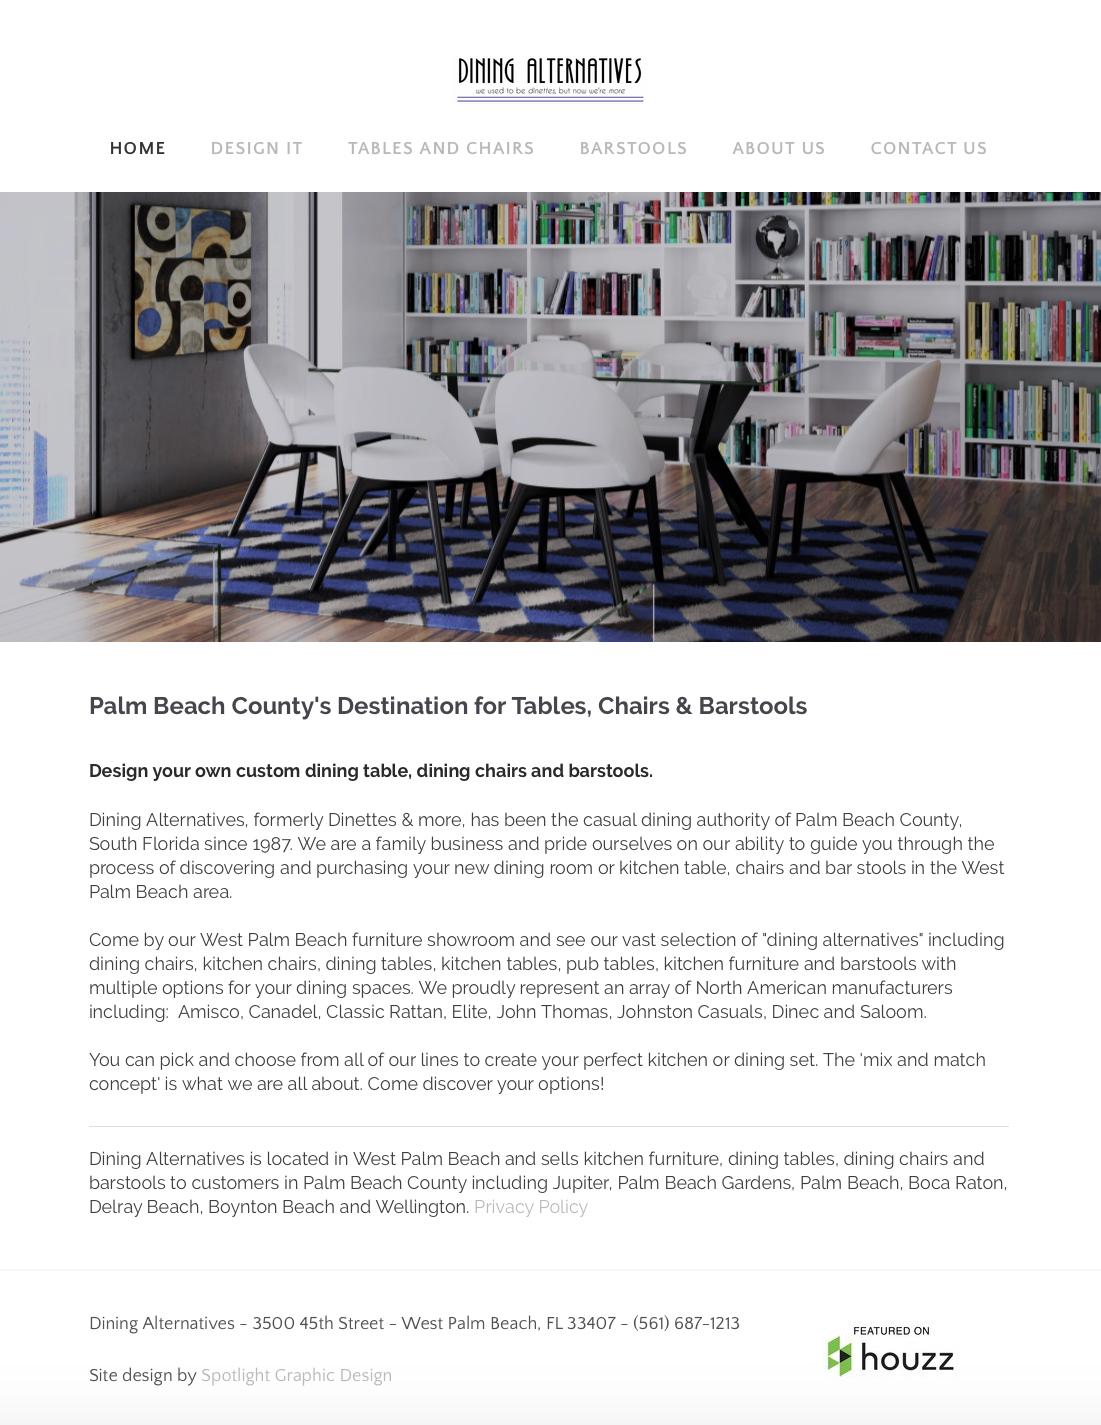 Dining Alternatives Website Design